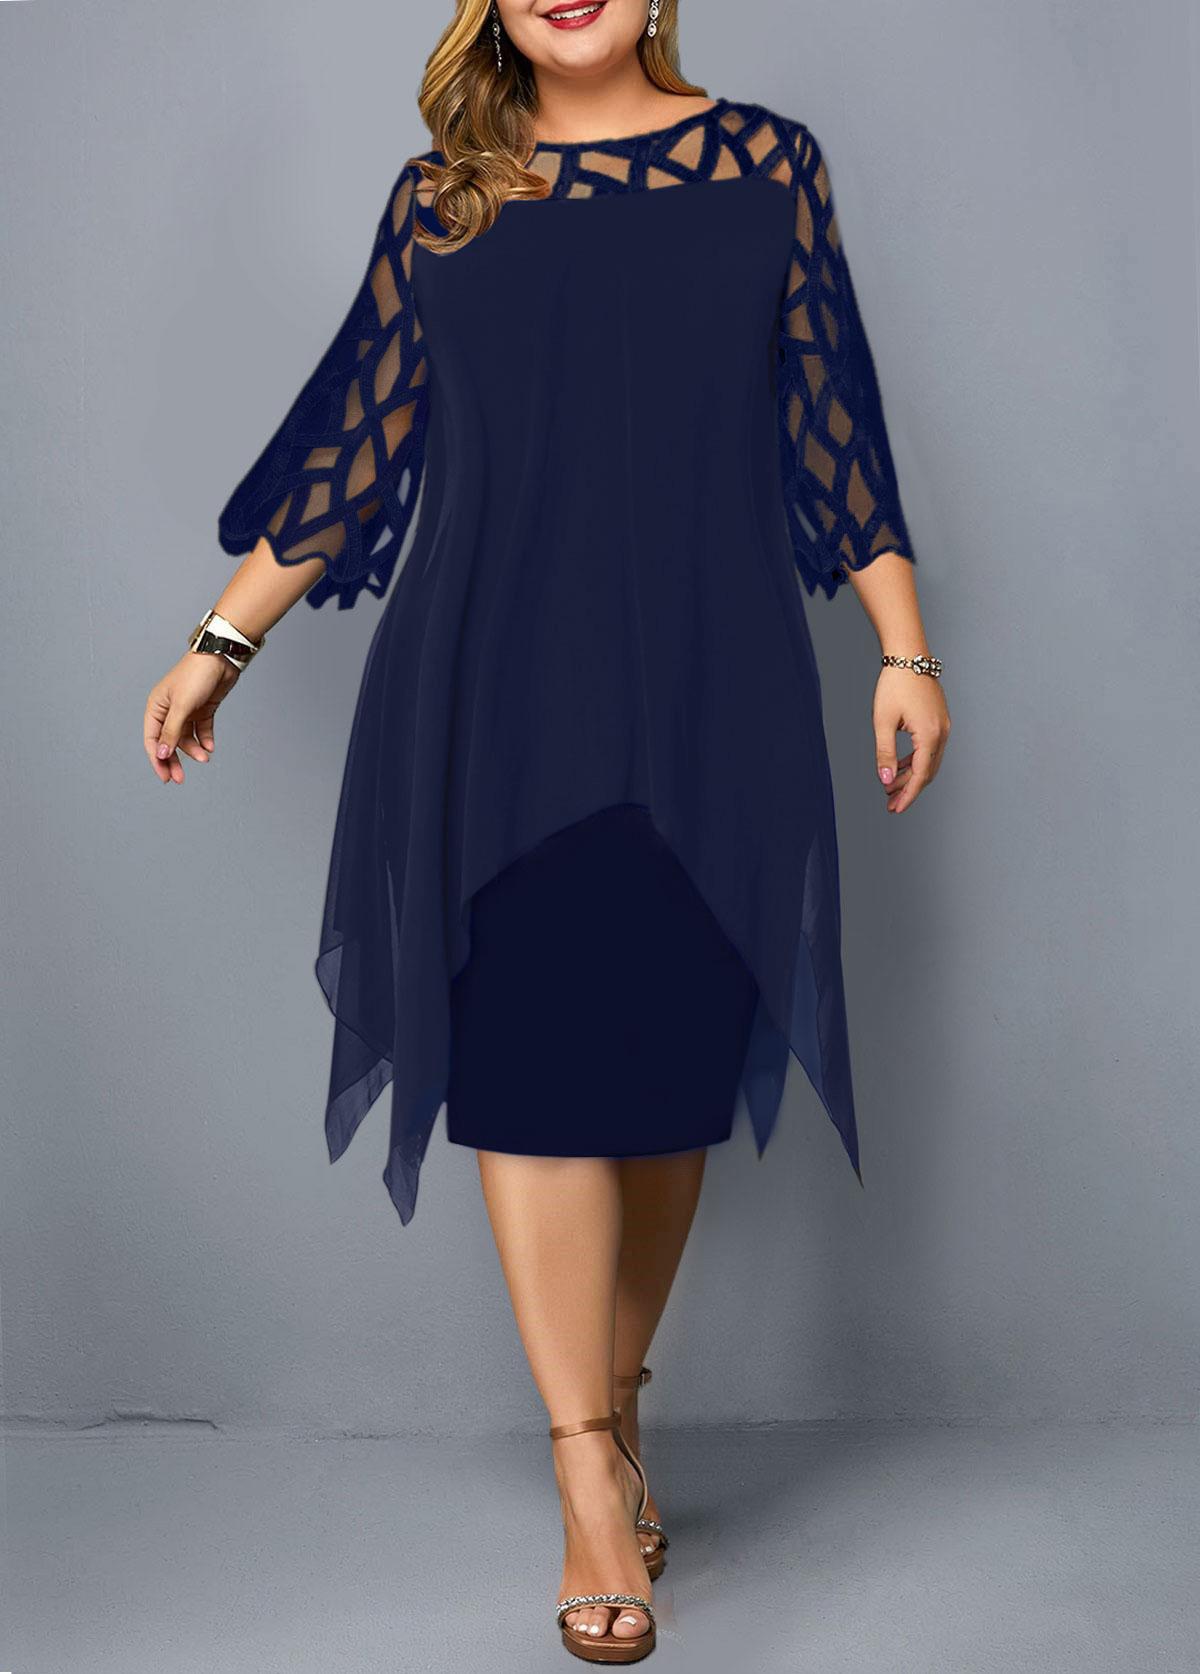 ROTITA Plus Size Overlay Embellished Lace Panel Dress